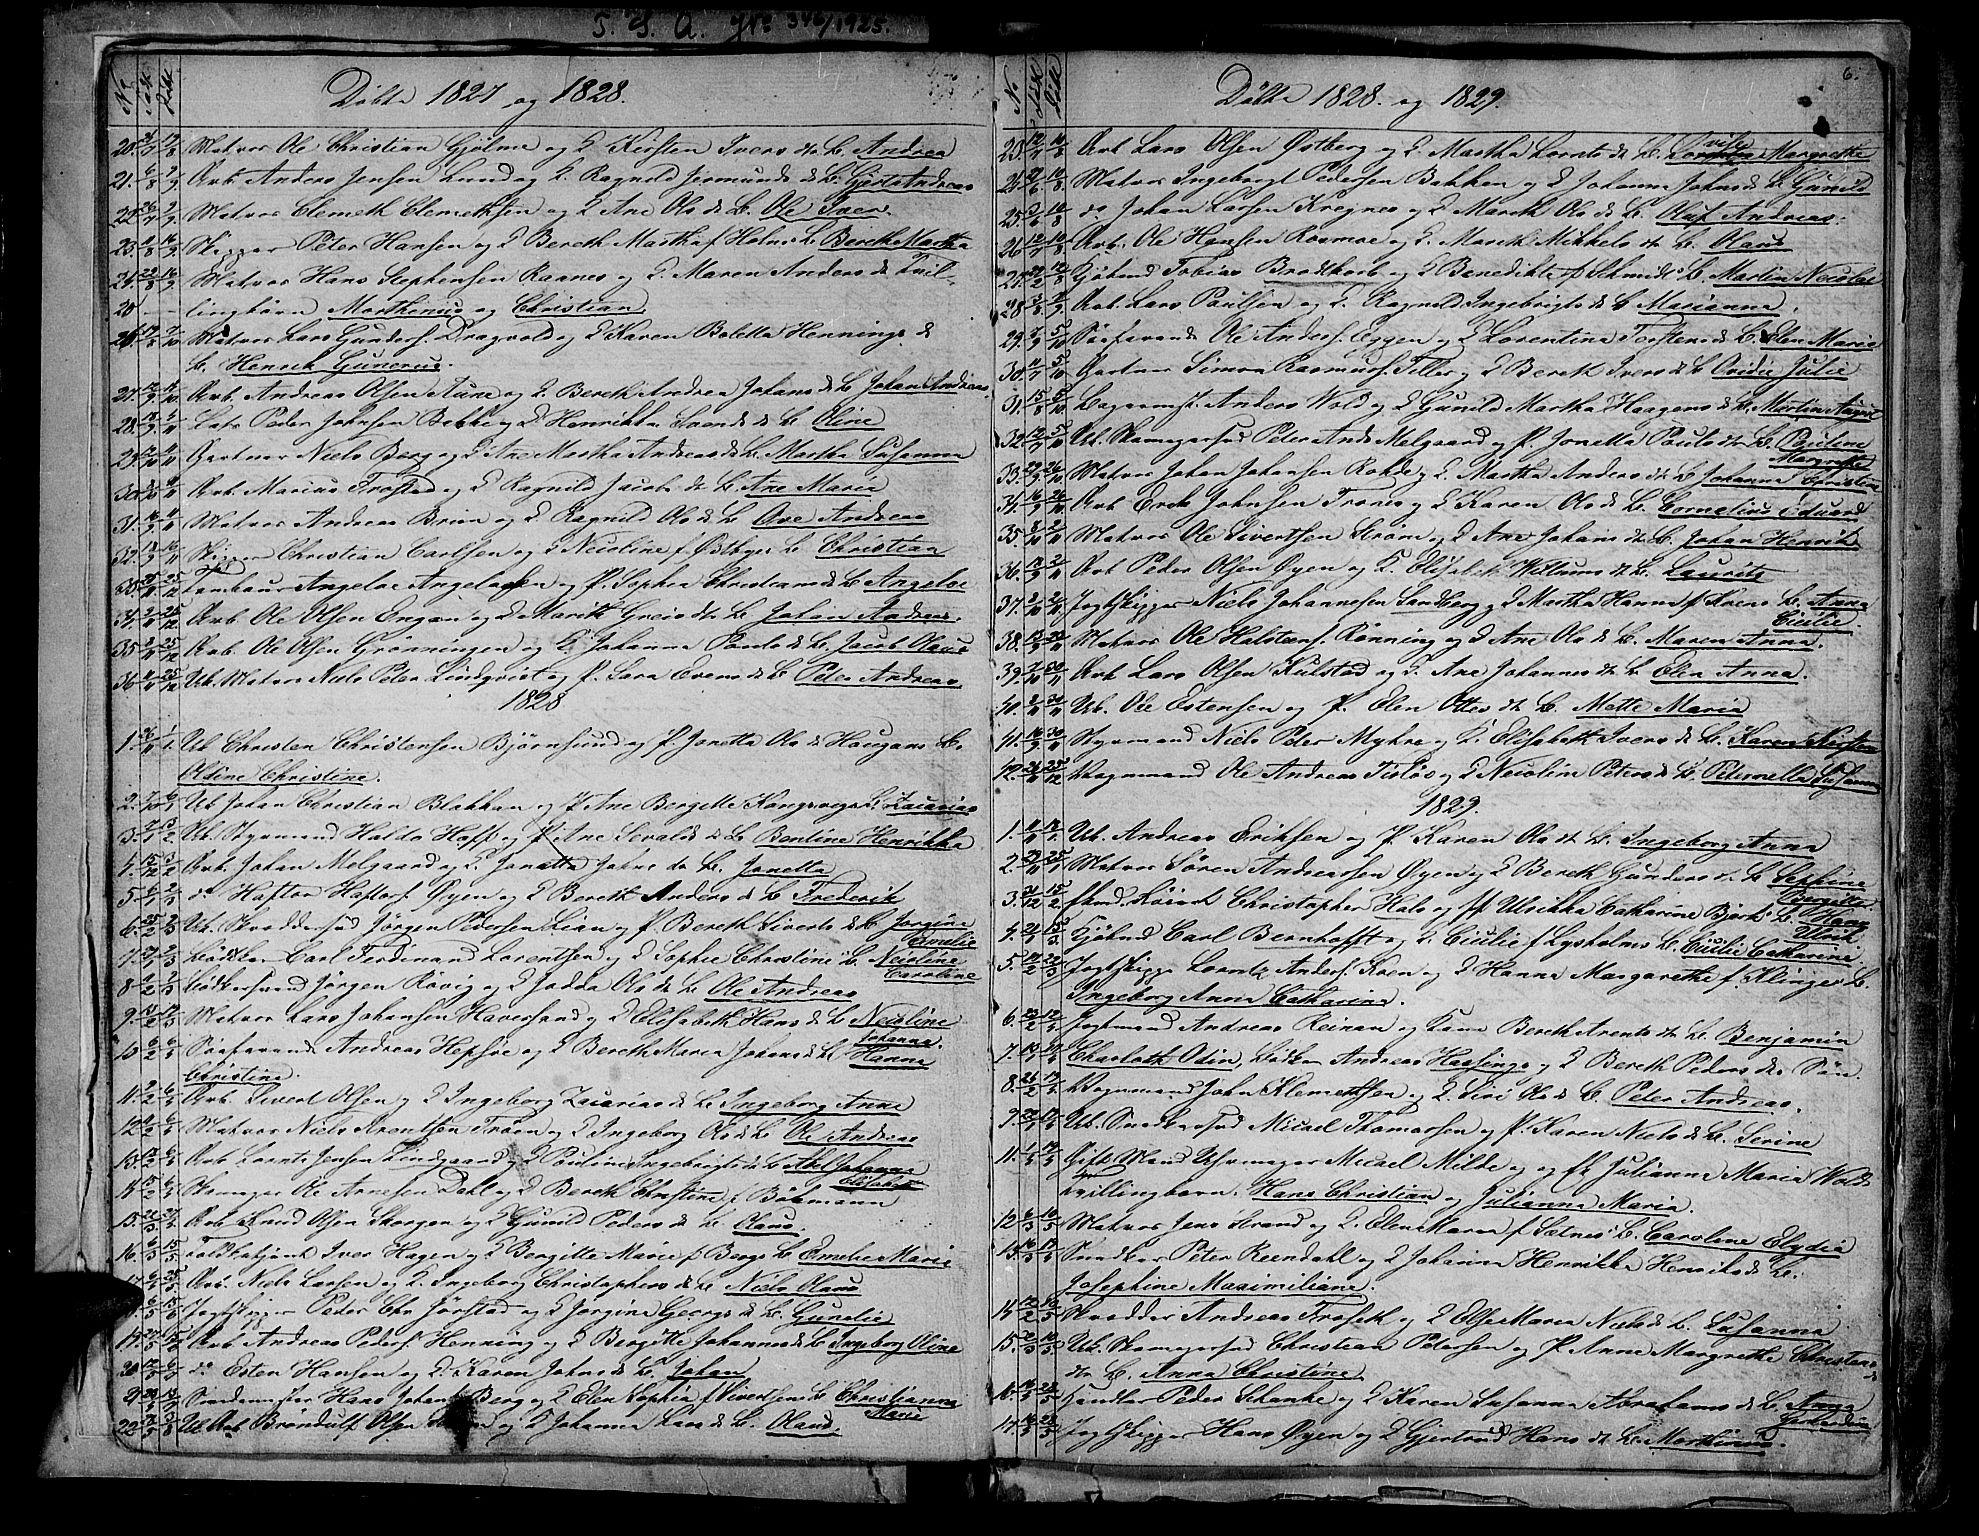 SAT, Ministerialprotokoller, klokkerbøker og fødselsregistre - Sør-Trøndelag, 604/L0182: Ministerialbok nr. 604A03, 1818-1850, s. 6